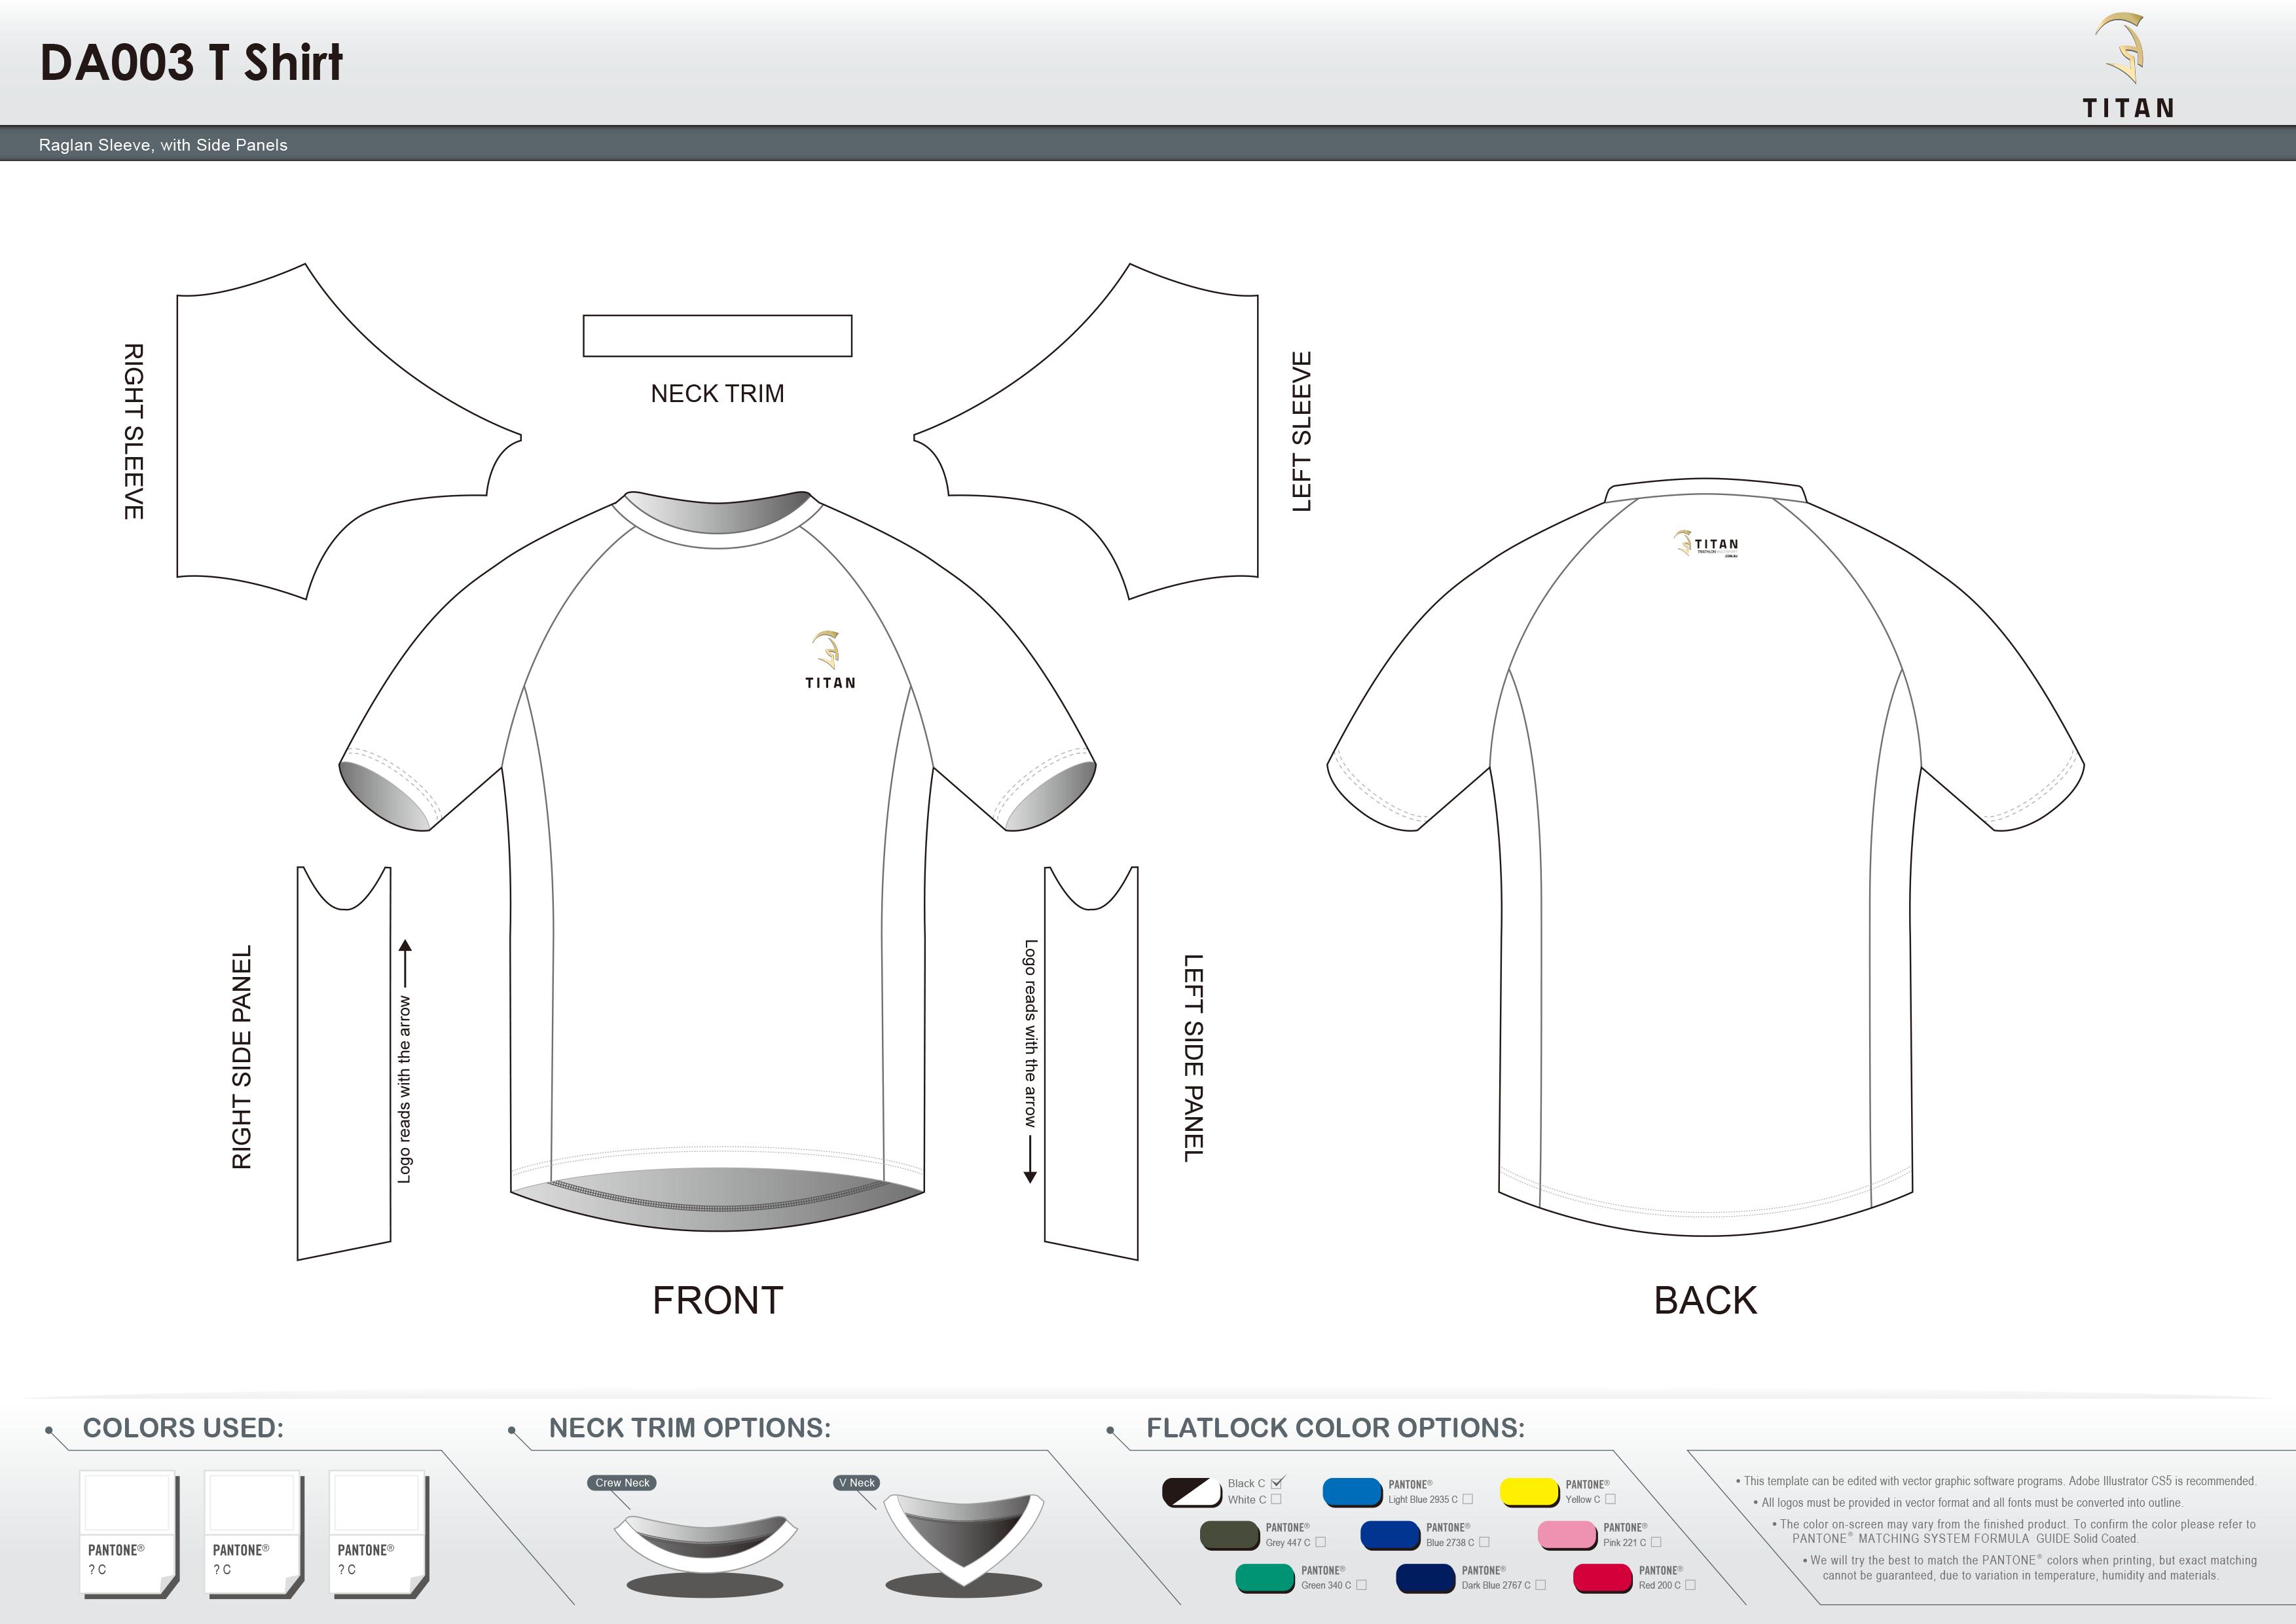 DA003 T Shirt